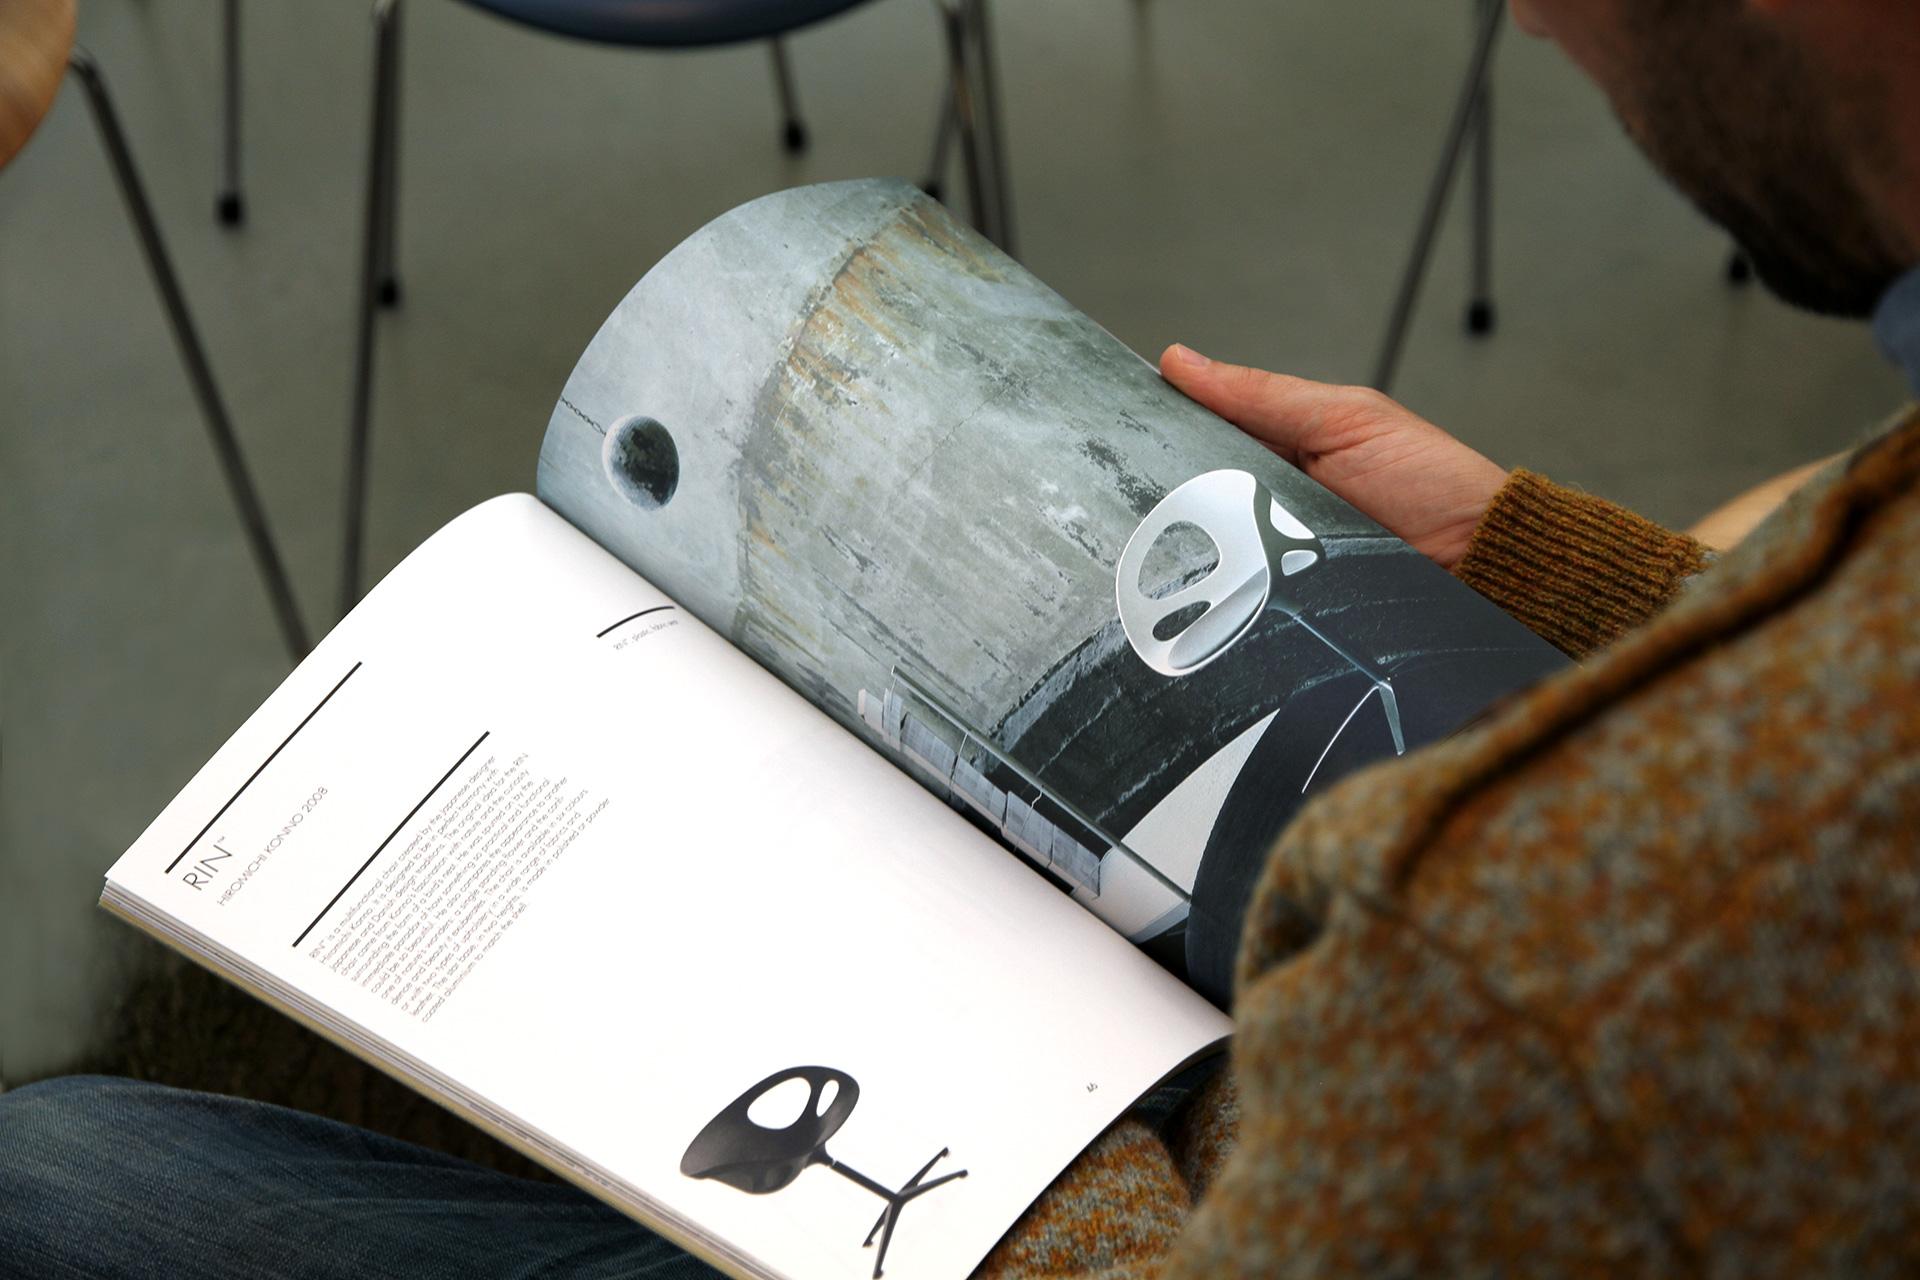 fritz-hansen-catalogue-spread-01